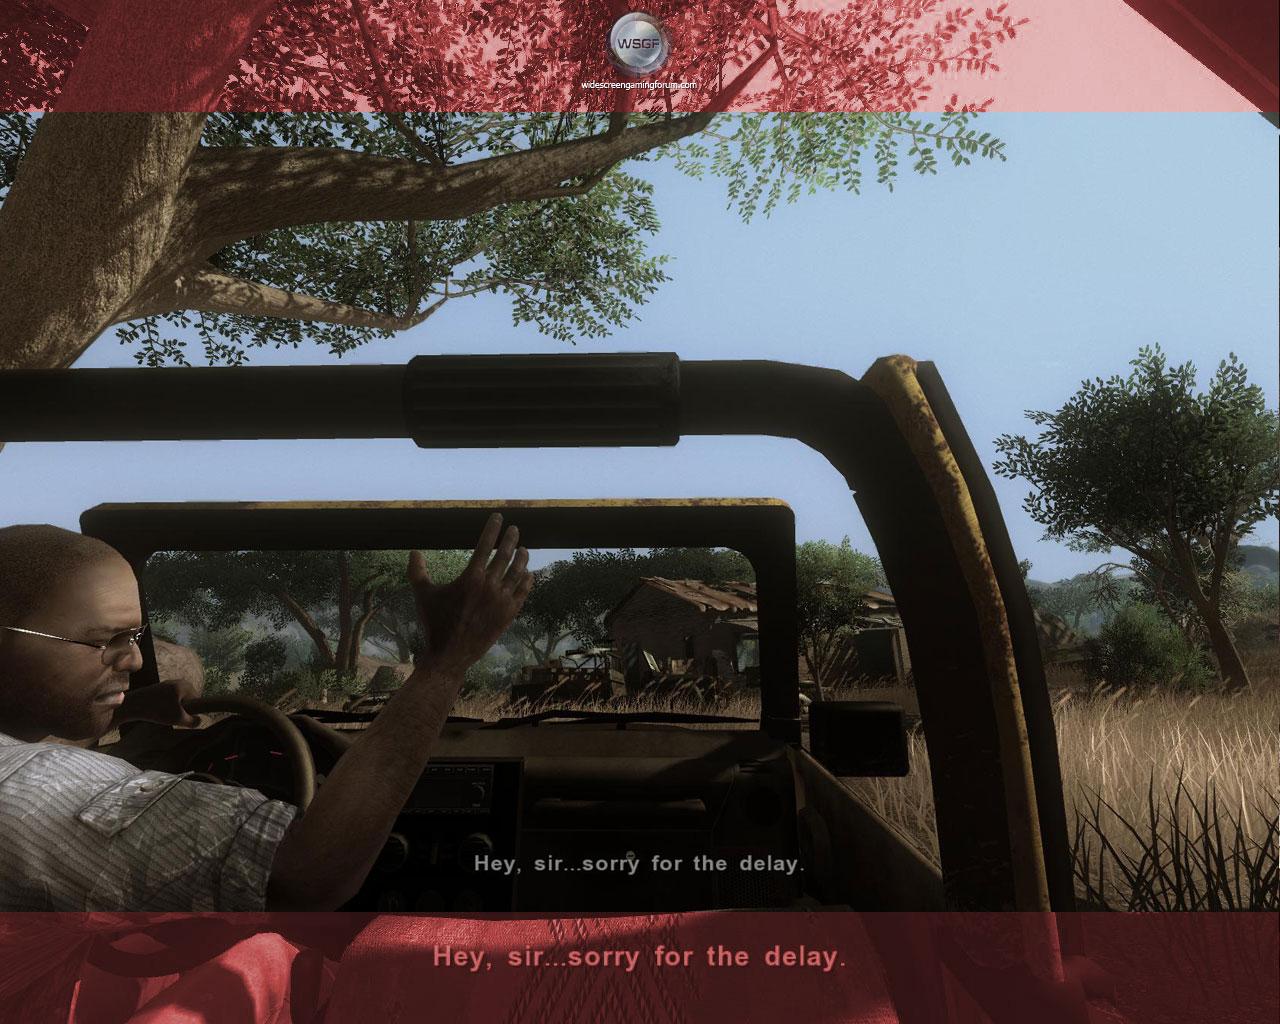 WSGF] Far Cry 2 Widescreen Fix! - Overclock net - An